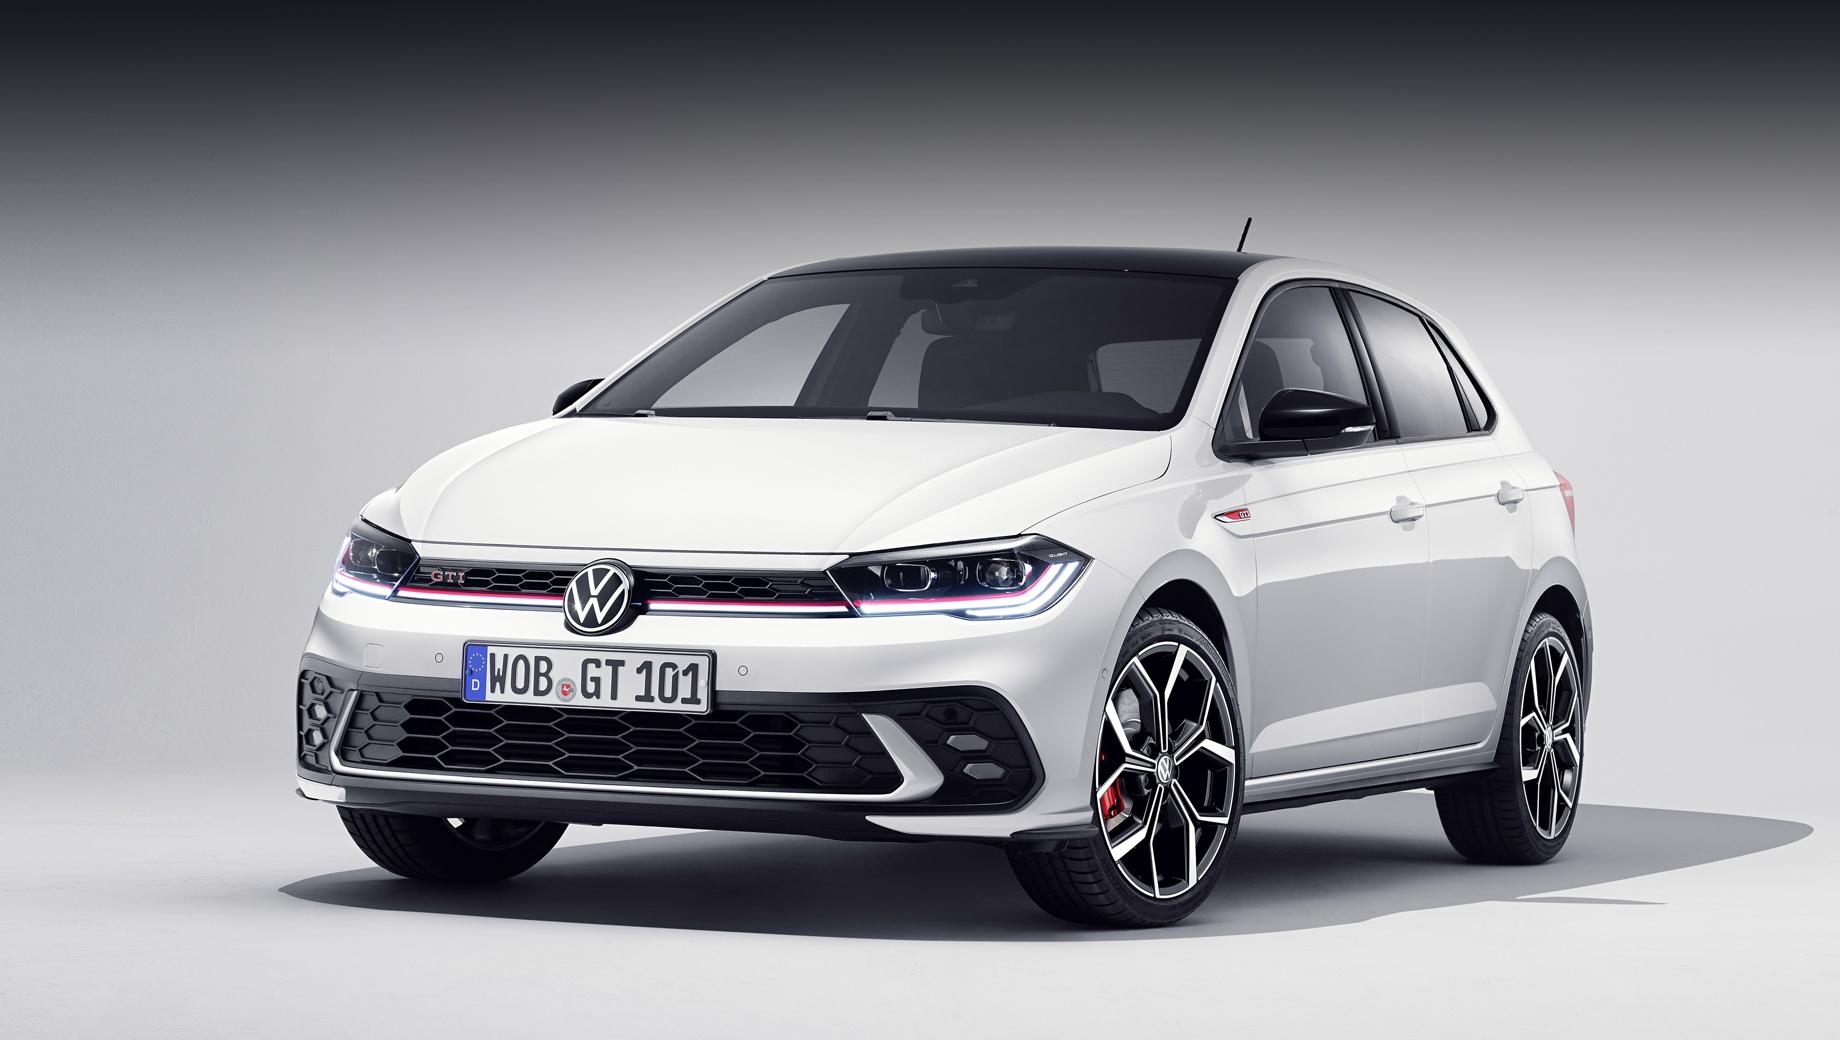 Volkswagen polo,Volkswagen polo gti. Часть перемен предсказывалась с оглядкой на обычный рестайлинговый Polo. На показанном образце — контрастные (чёрные) зеркала и крыша (опция). Диаметр колёсных дисков: 17 дюймов «в базе» и 18 за доплату.